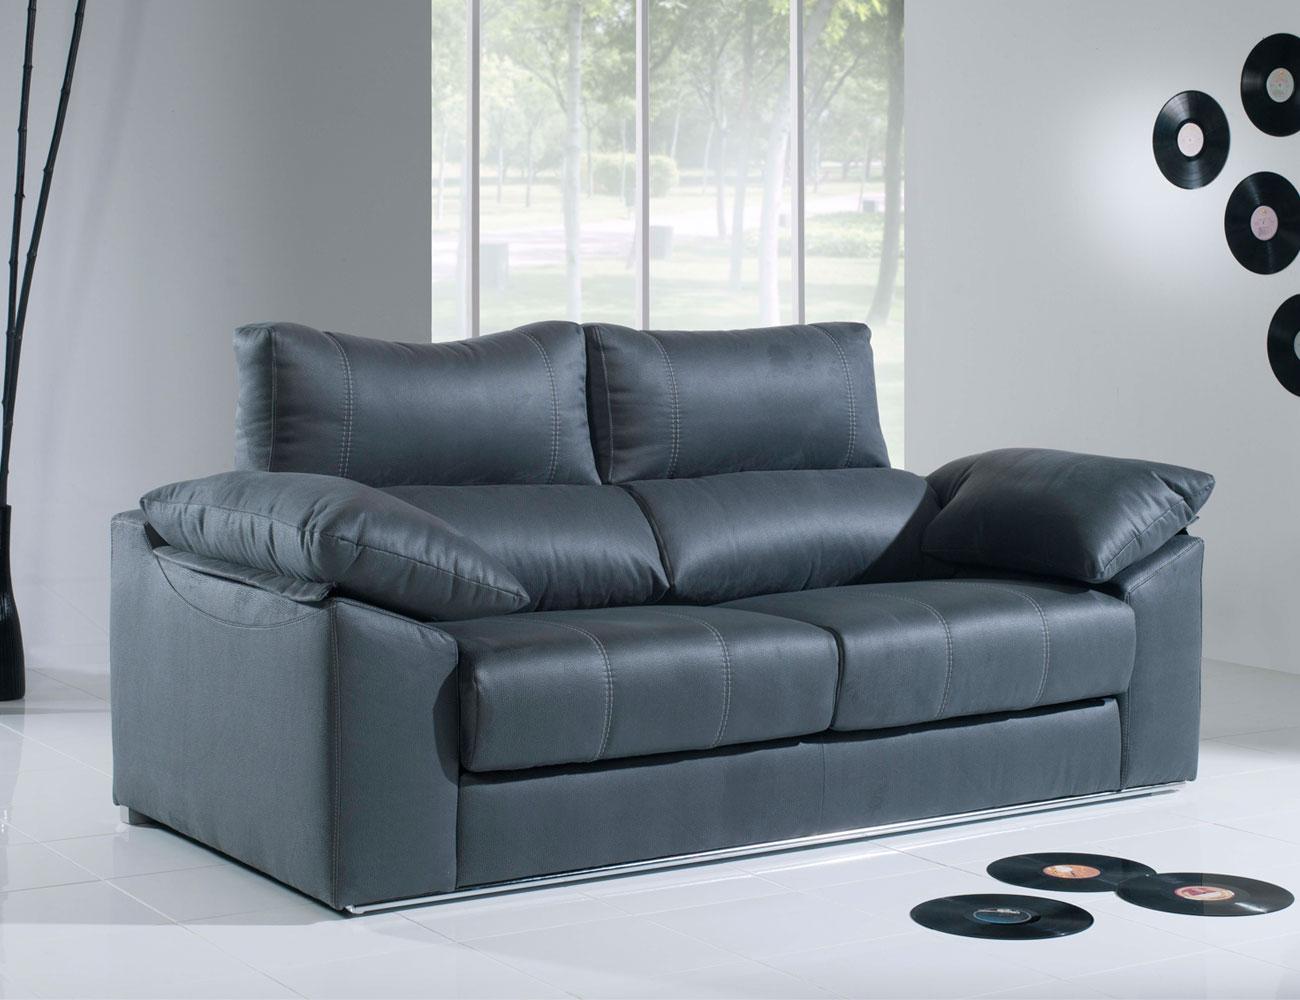 Sofa 3 plazas moderno con barra26